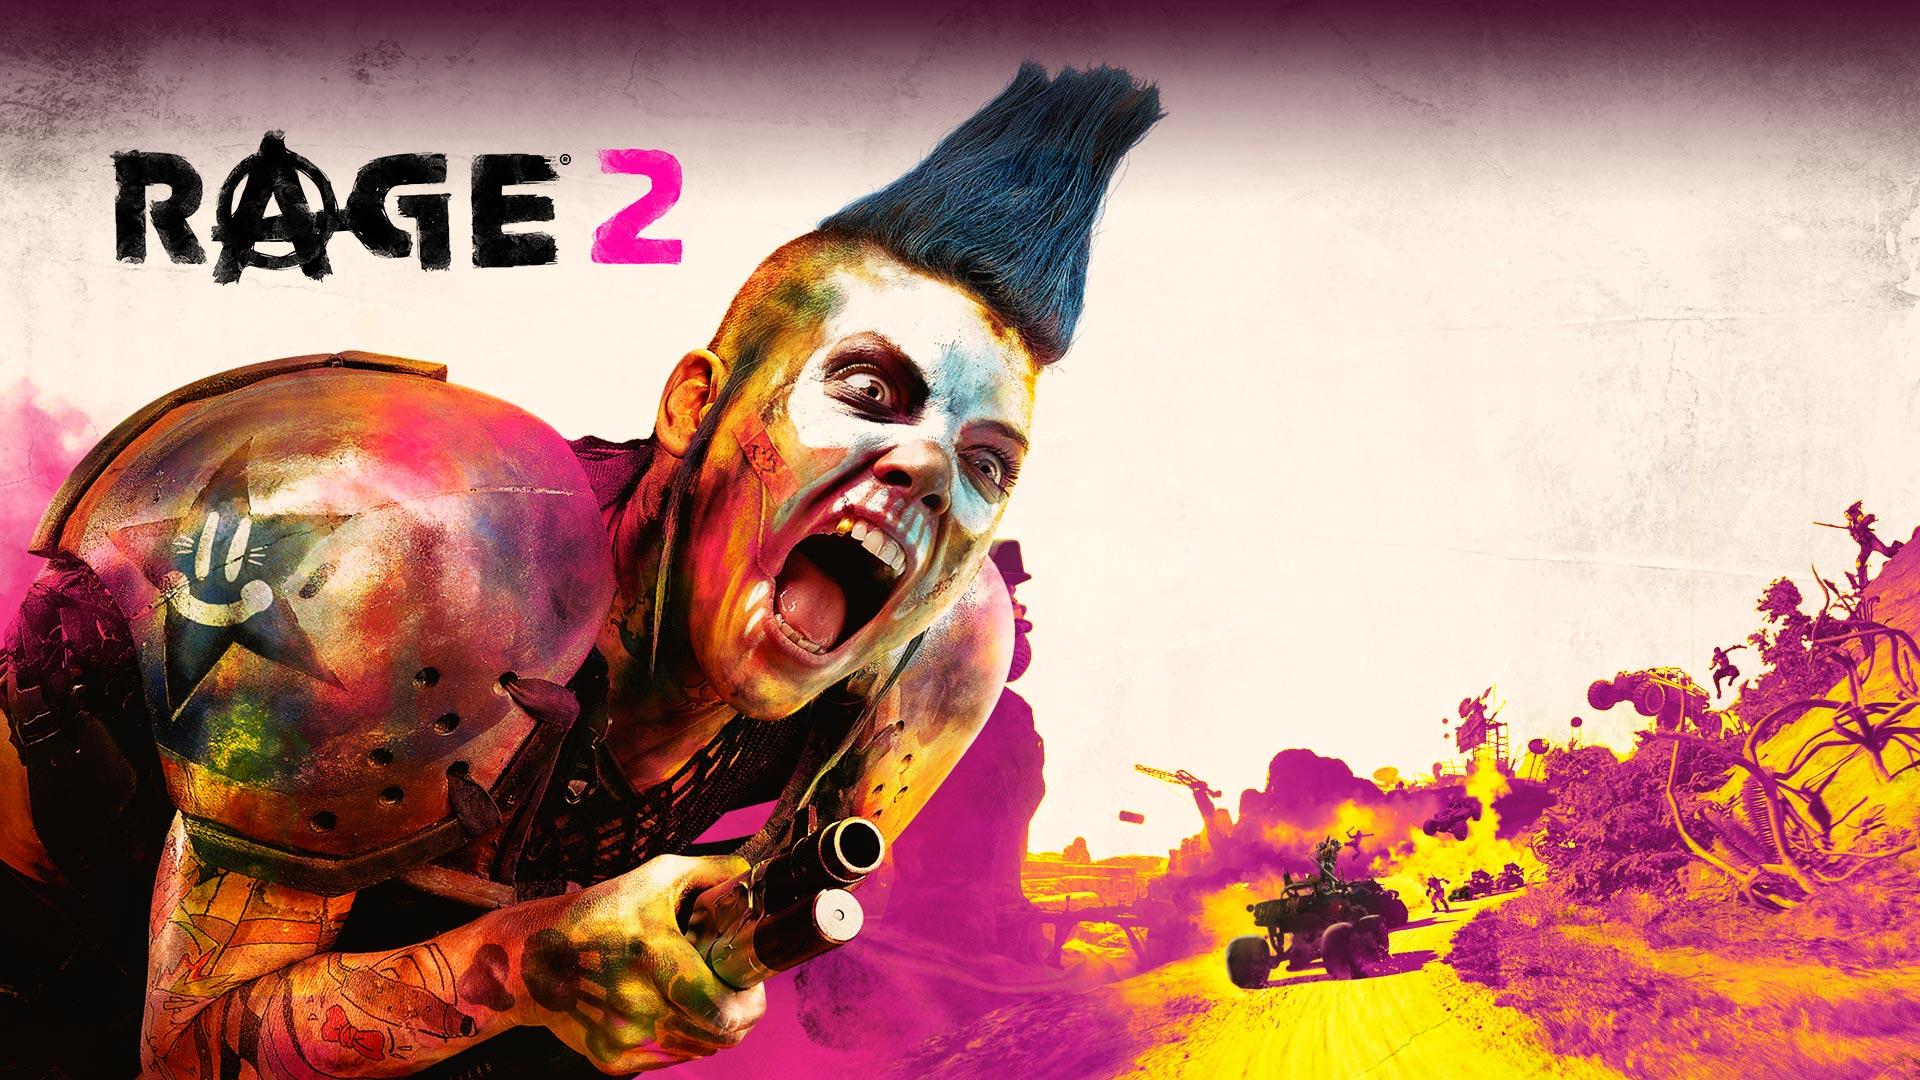 Rage 2, Primer plano de un pandillero enloquecido que grita y en el fondo hay una batalla.